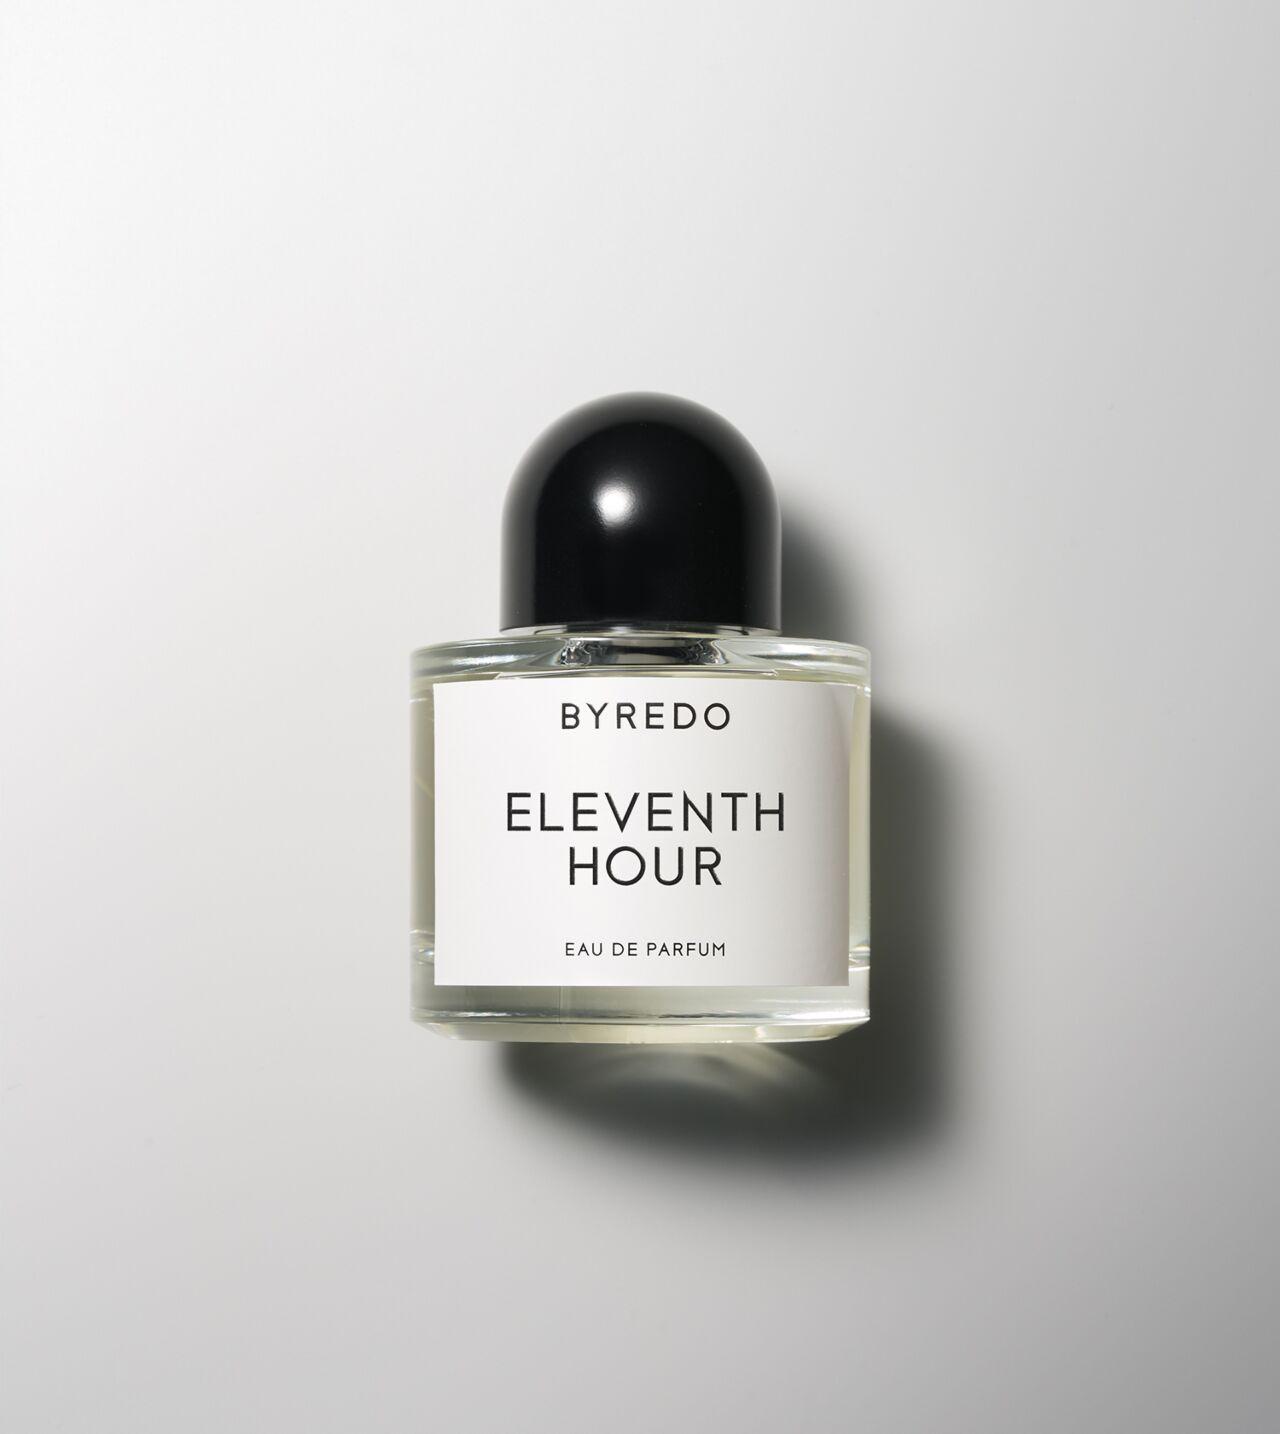 Picture of Byredo Eleventh Hour Eau de Parfum 50ml